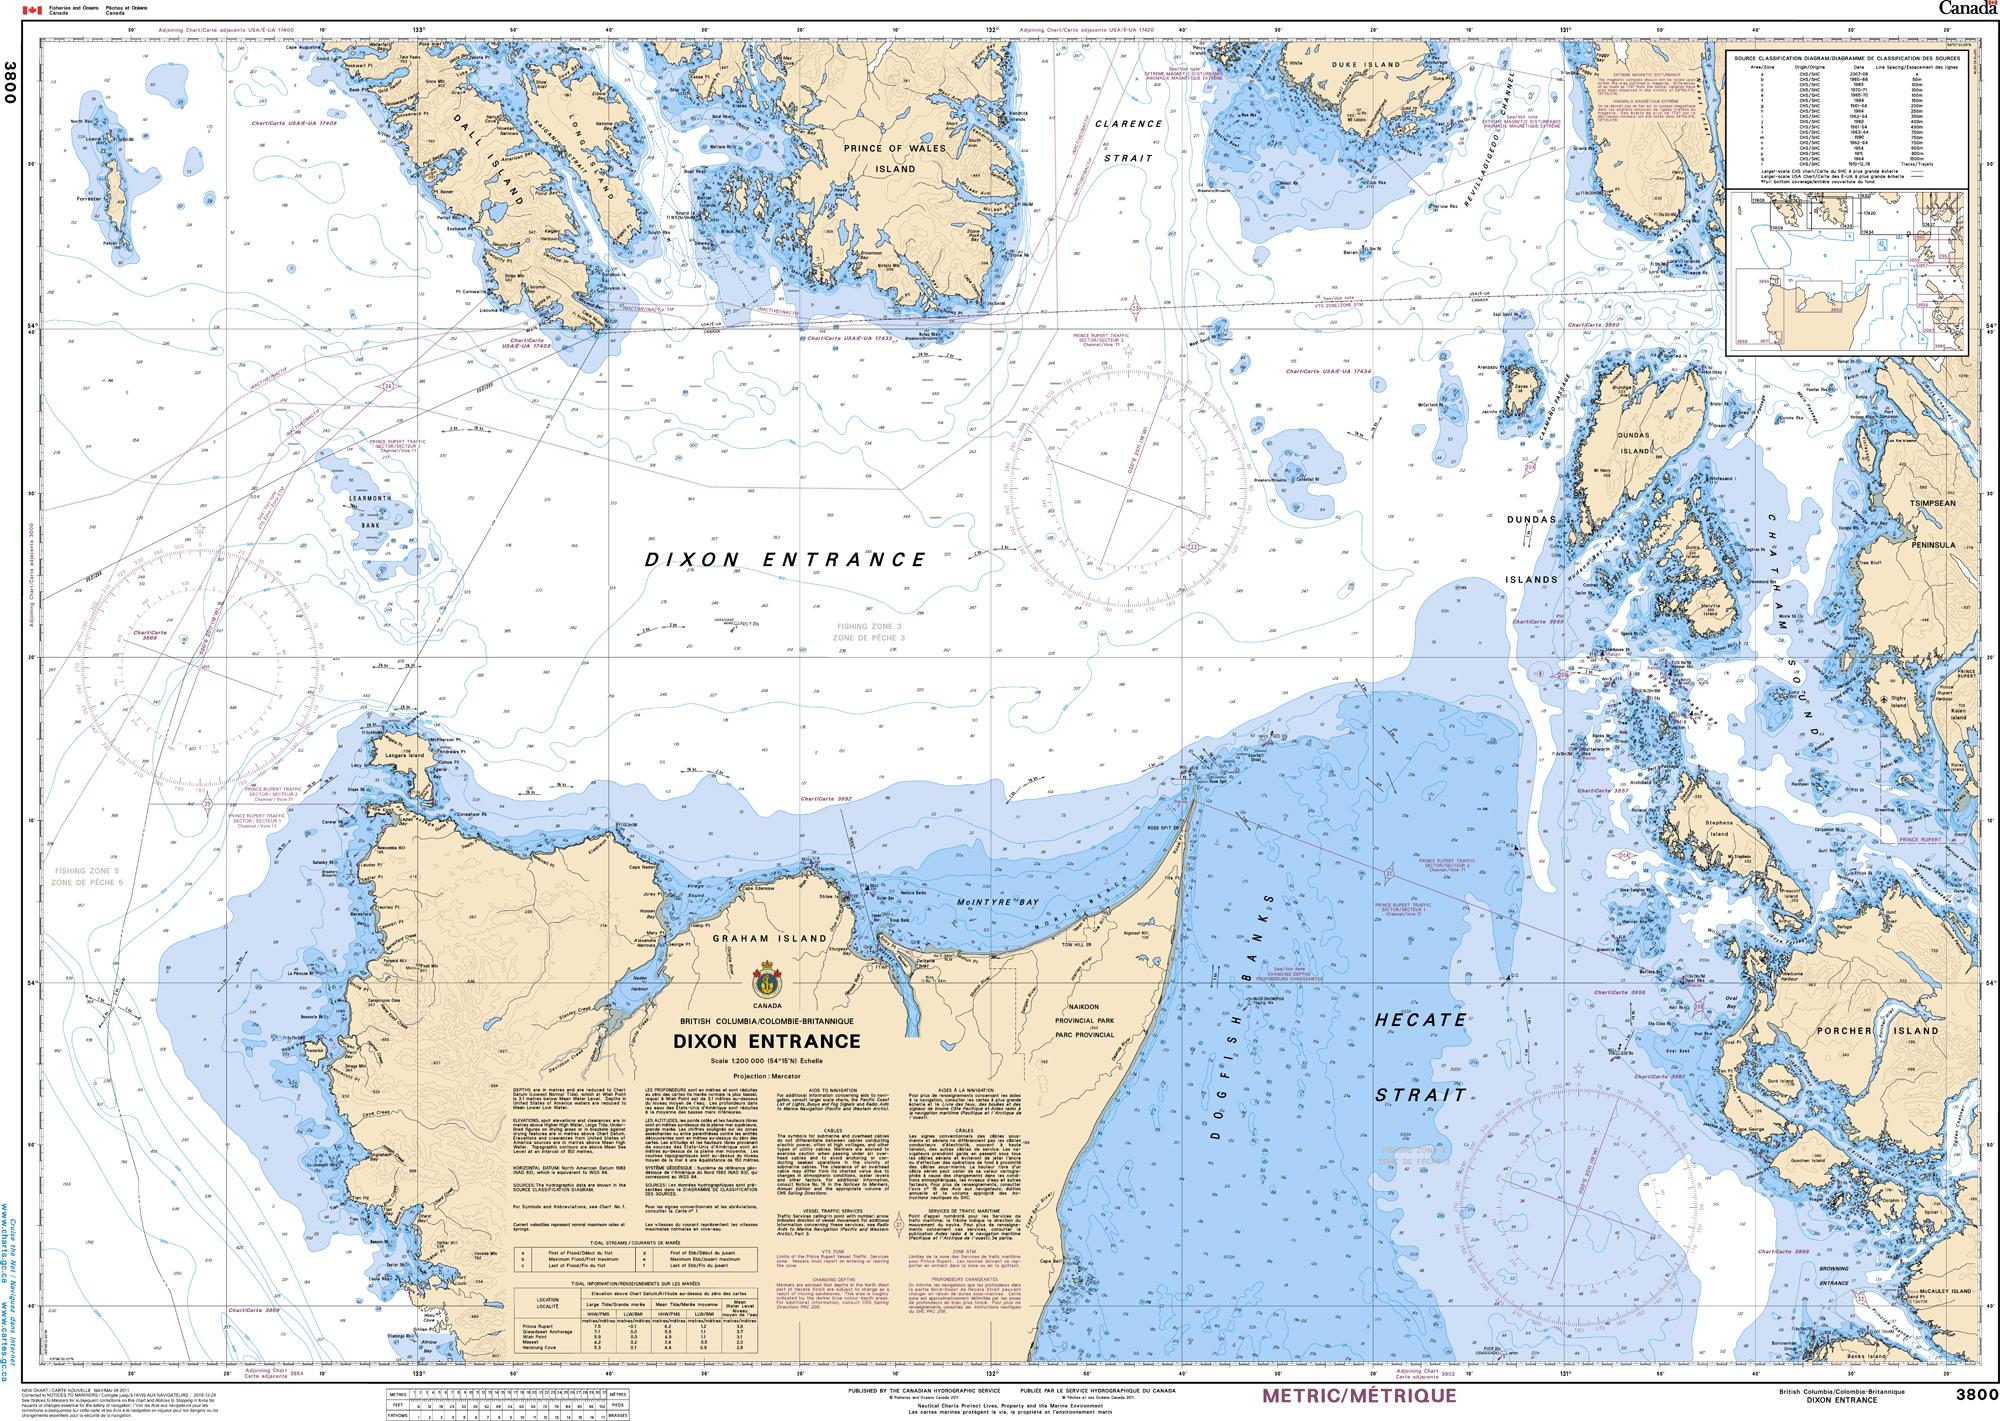 Pacific Region, CHS Chart 3800: Dixon Entrance